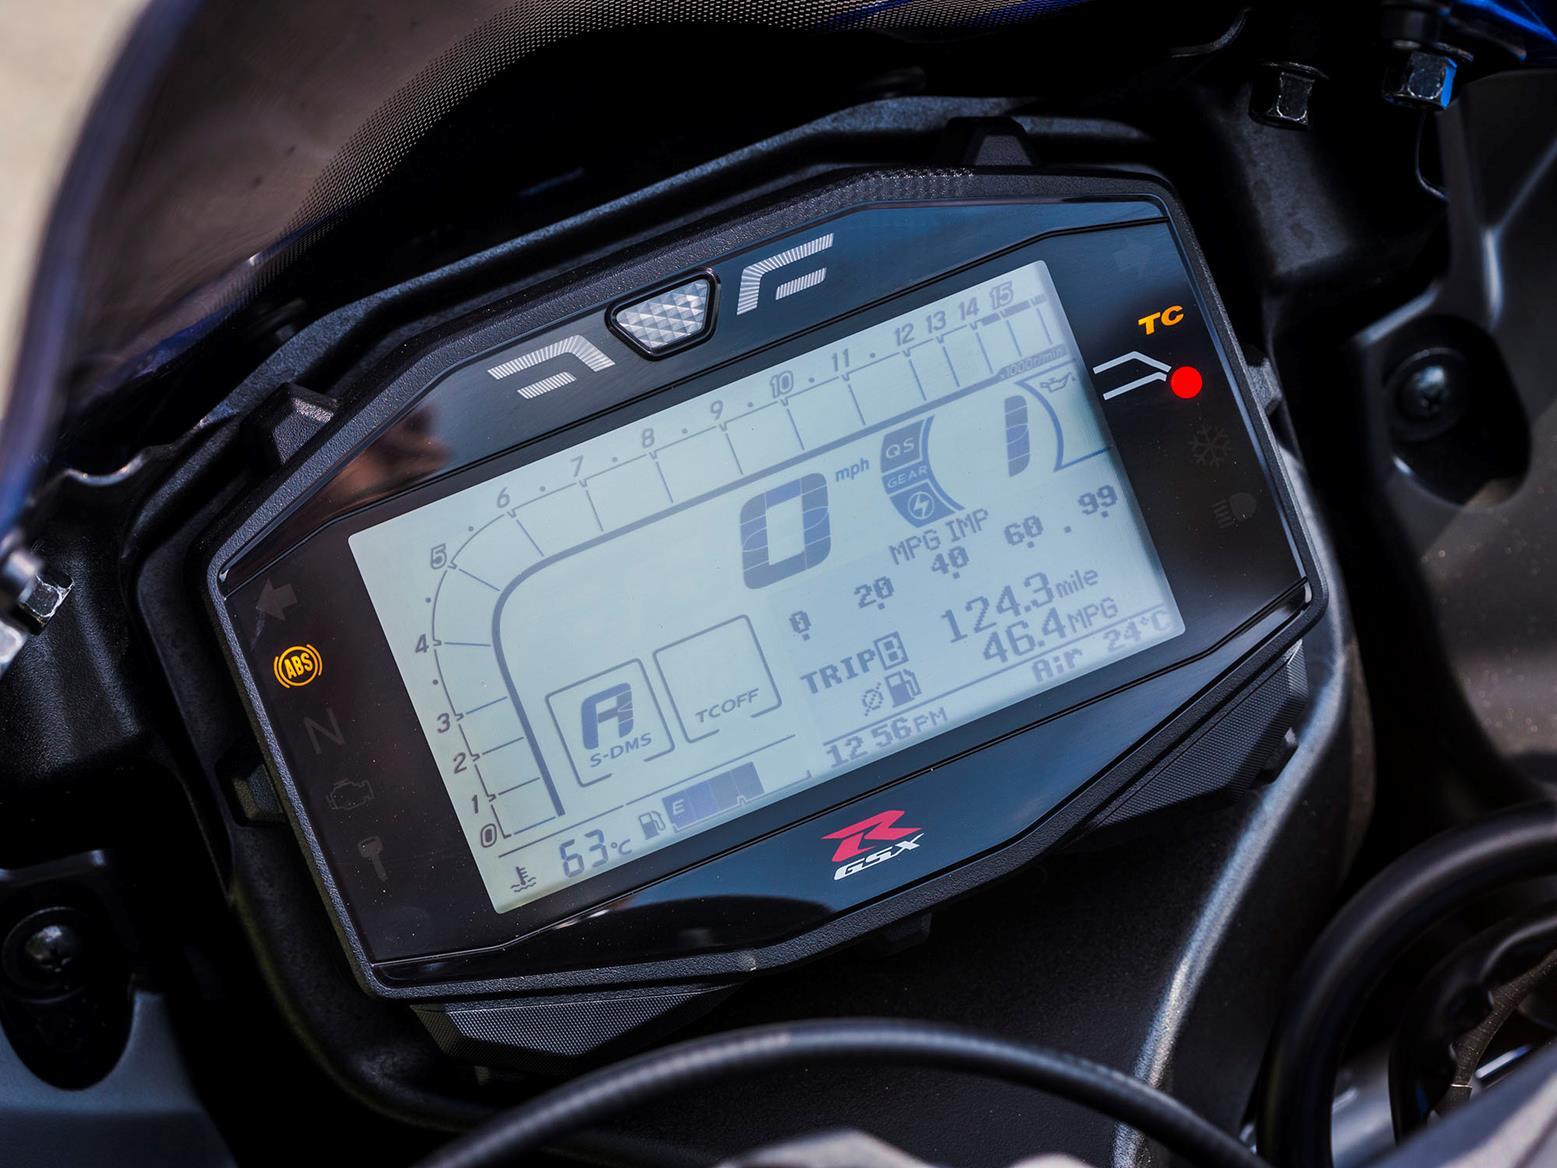 Suzuki GSX-R1000 dash